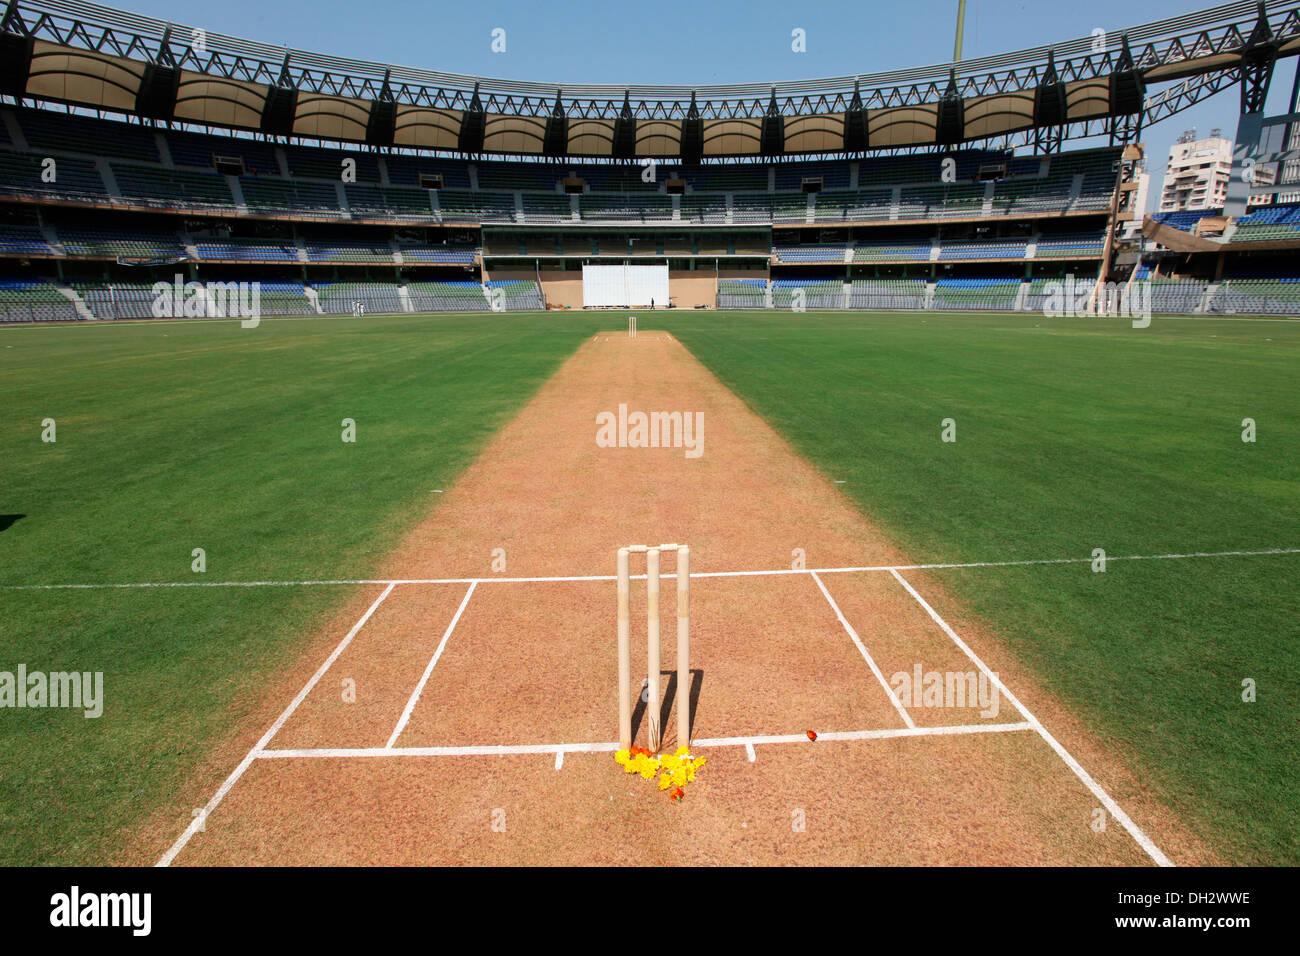 cricket pitch with stumps Wankhede Stadium Mumbai Maharashtra India Asia - Stock Image